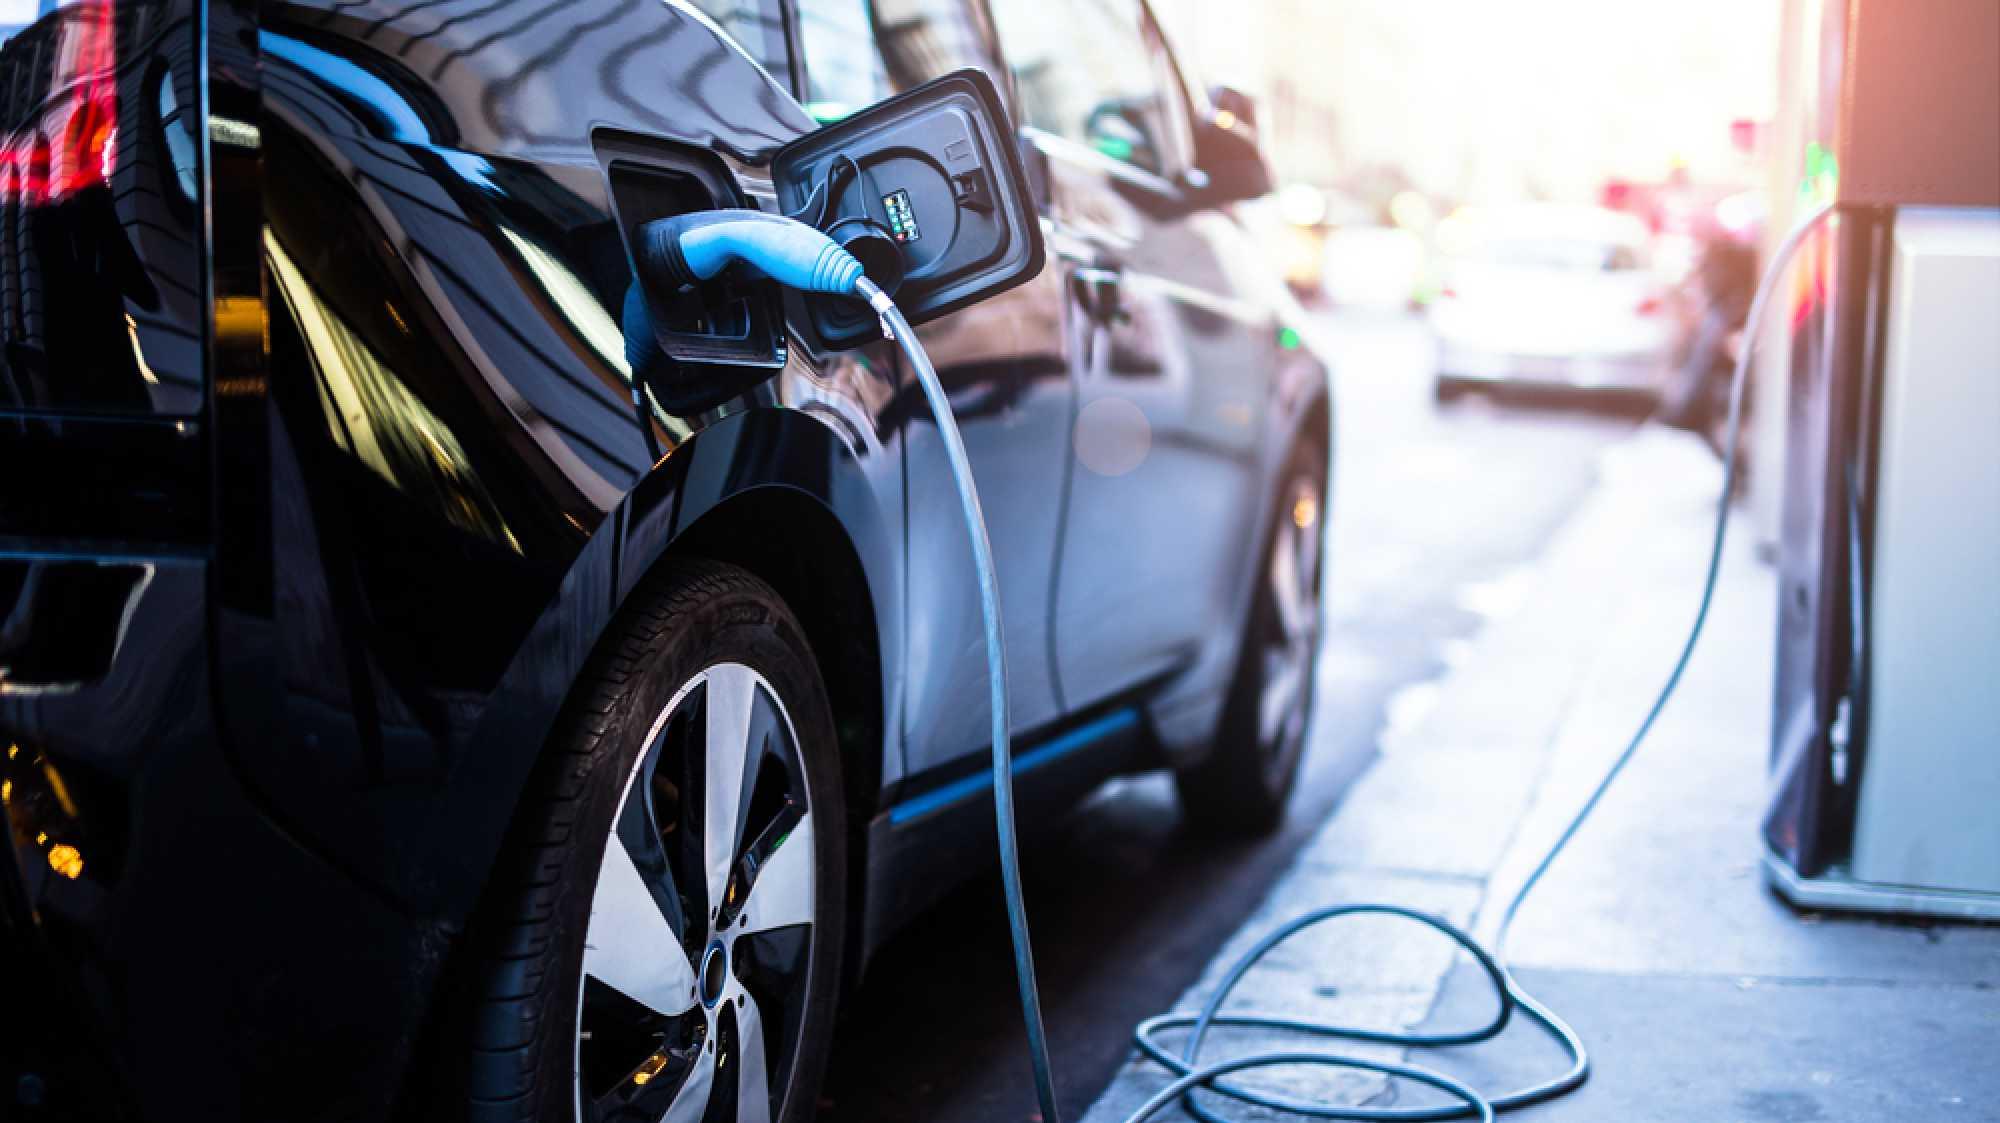 Bidirektionale Ladesäule: Wenn das E-Auto Strom für die Waschmaschine liefert